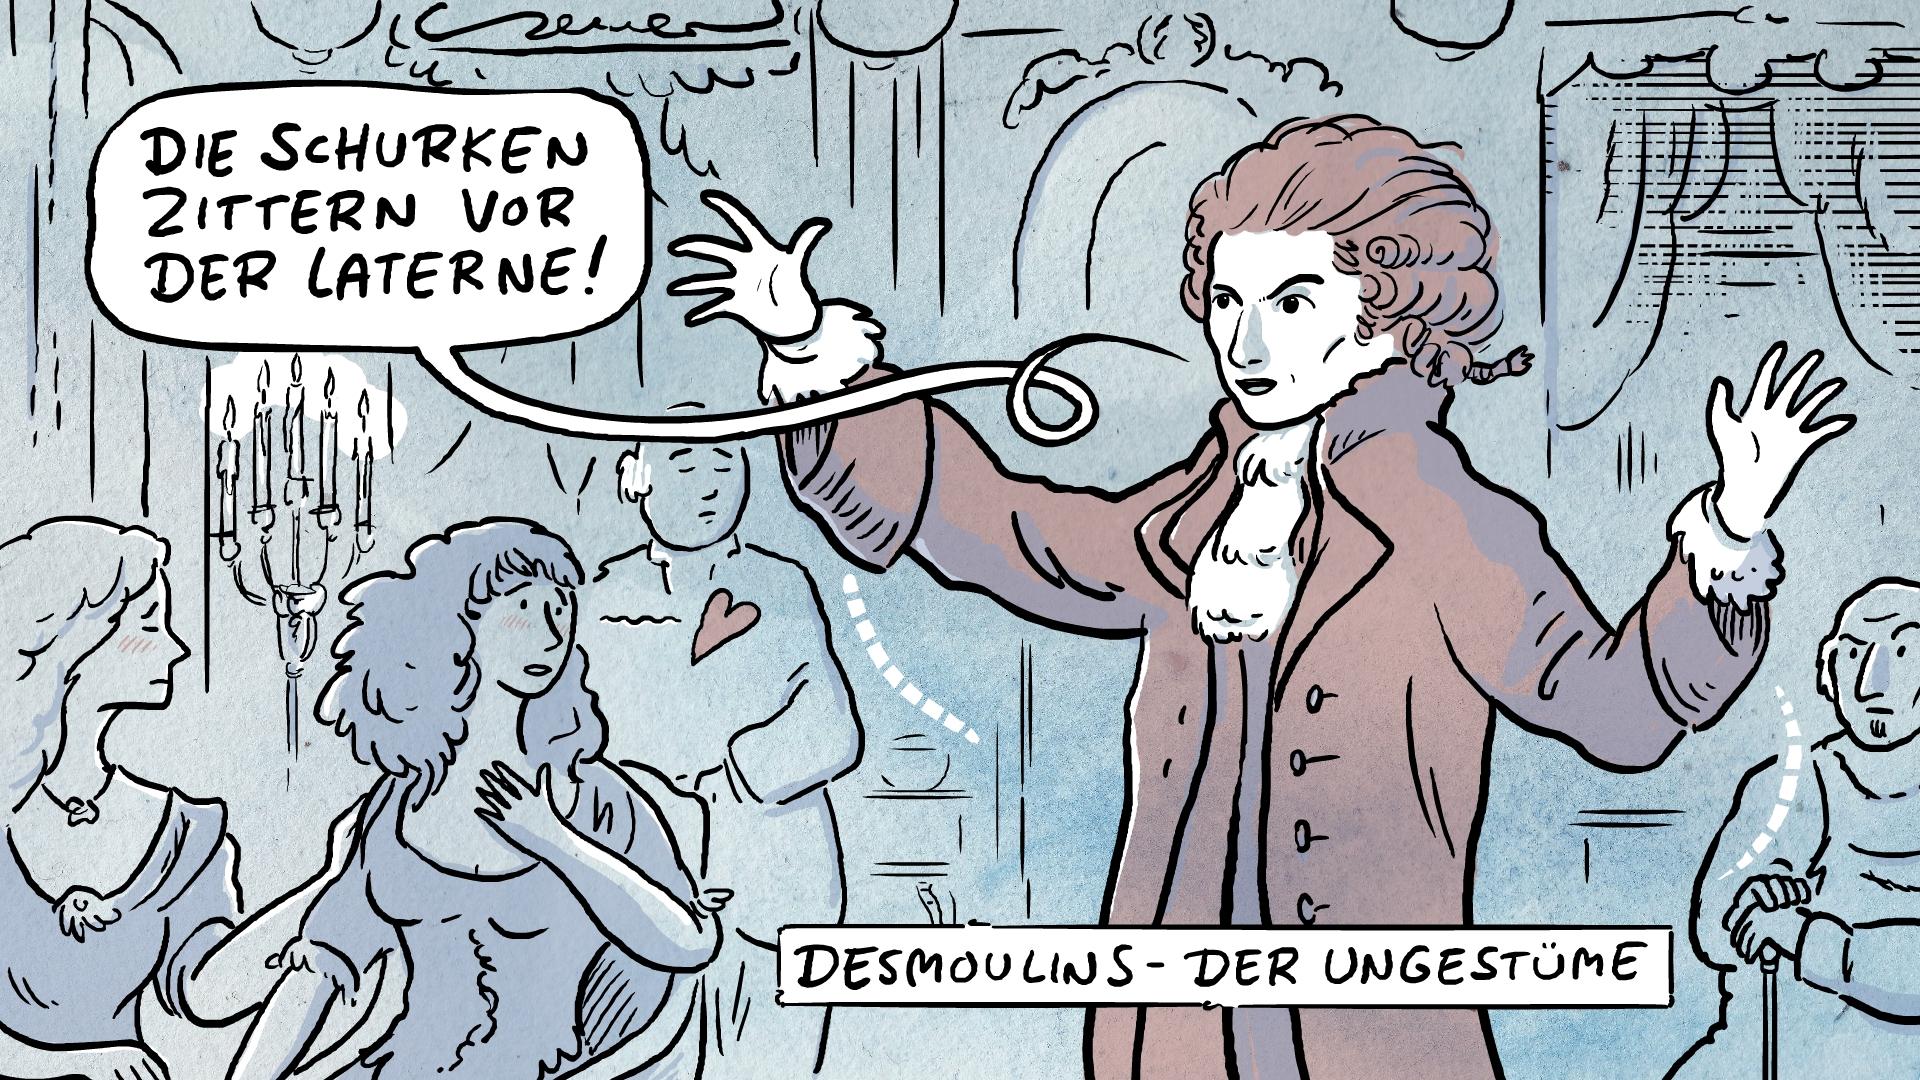 brueder-desmoulins